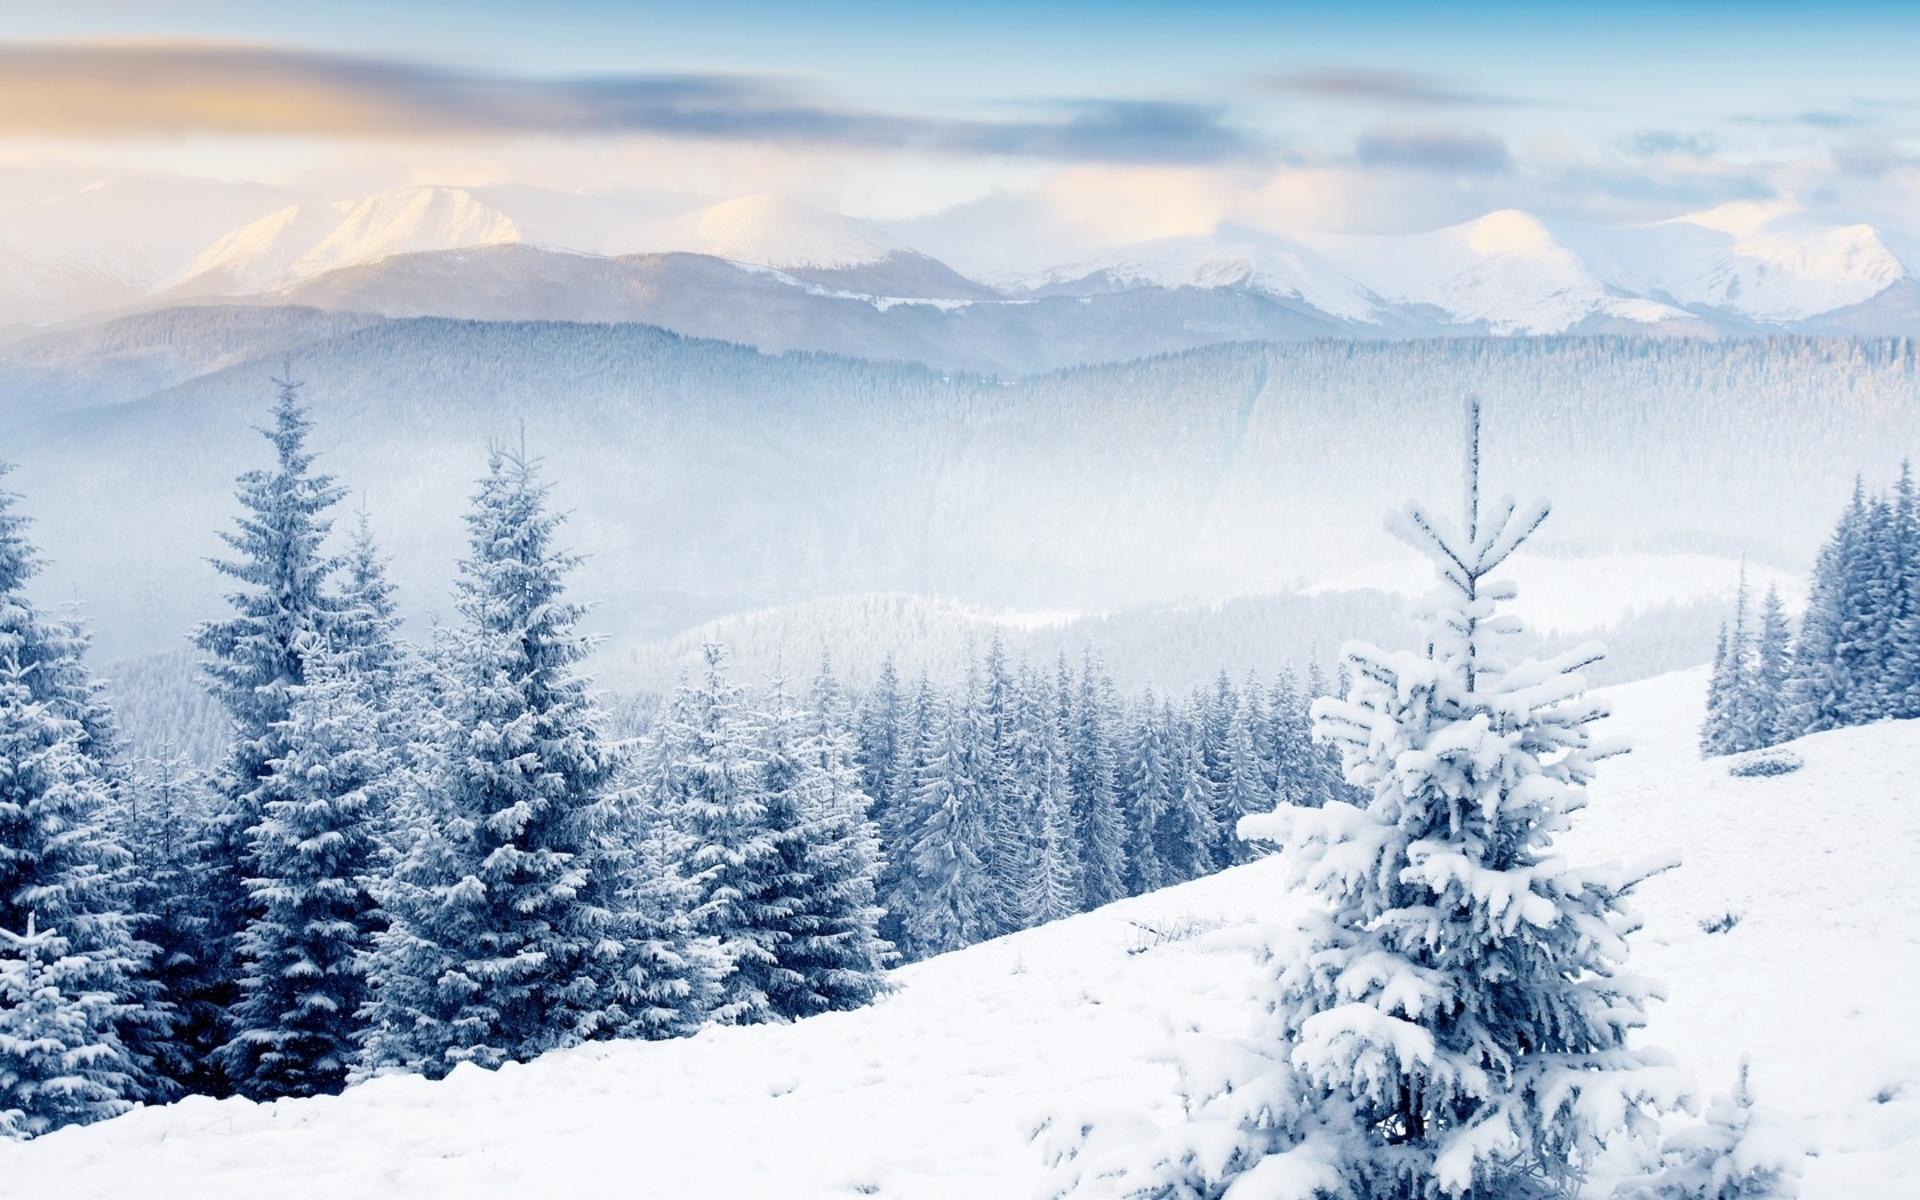 panorama 1 panoramic 1 scenery 1 scenic 1 snow 1 vista 1 winter 1 1920x1200